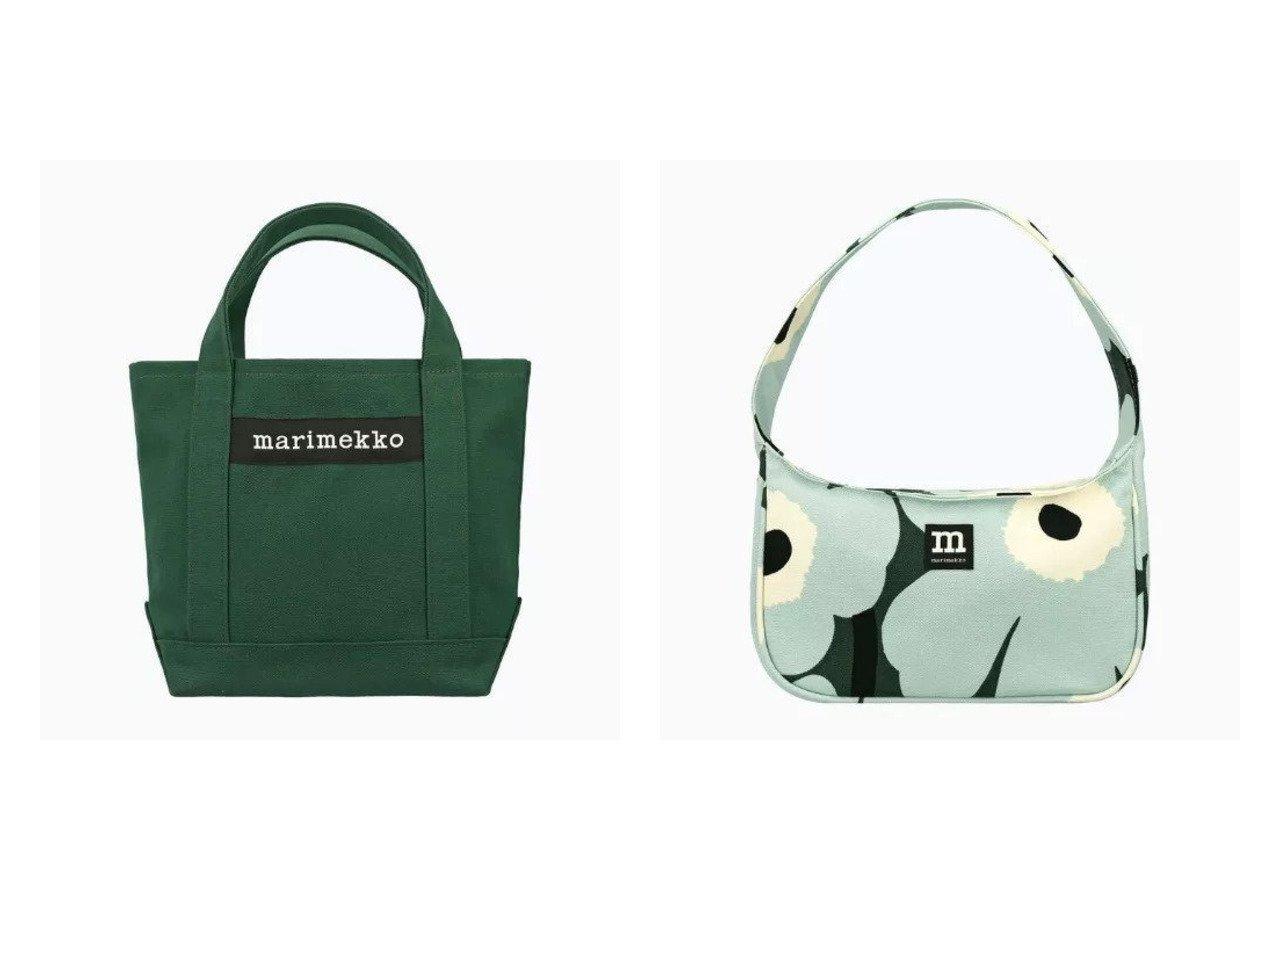 【marimekko/マリメッコ】のSeidi トートバッグ&Kaenkukka Pieni Unikko 2 バッグ 【バッグ・鞄】おすすめ!人気、トレンド・レディースファッションの通販 おすすめで人気の流行・トレンド、ファッションの通販商品 メンズファッション・キッズファッション・インテリア・家具・レディースファッション・服の通販 founy(ファニー) https://founy.com/ ファッション Fashion レディースファッション WOMEN バッグ Bag キャンバス フロント ポケット ワンポイント  ID:crp329100000033042